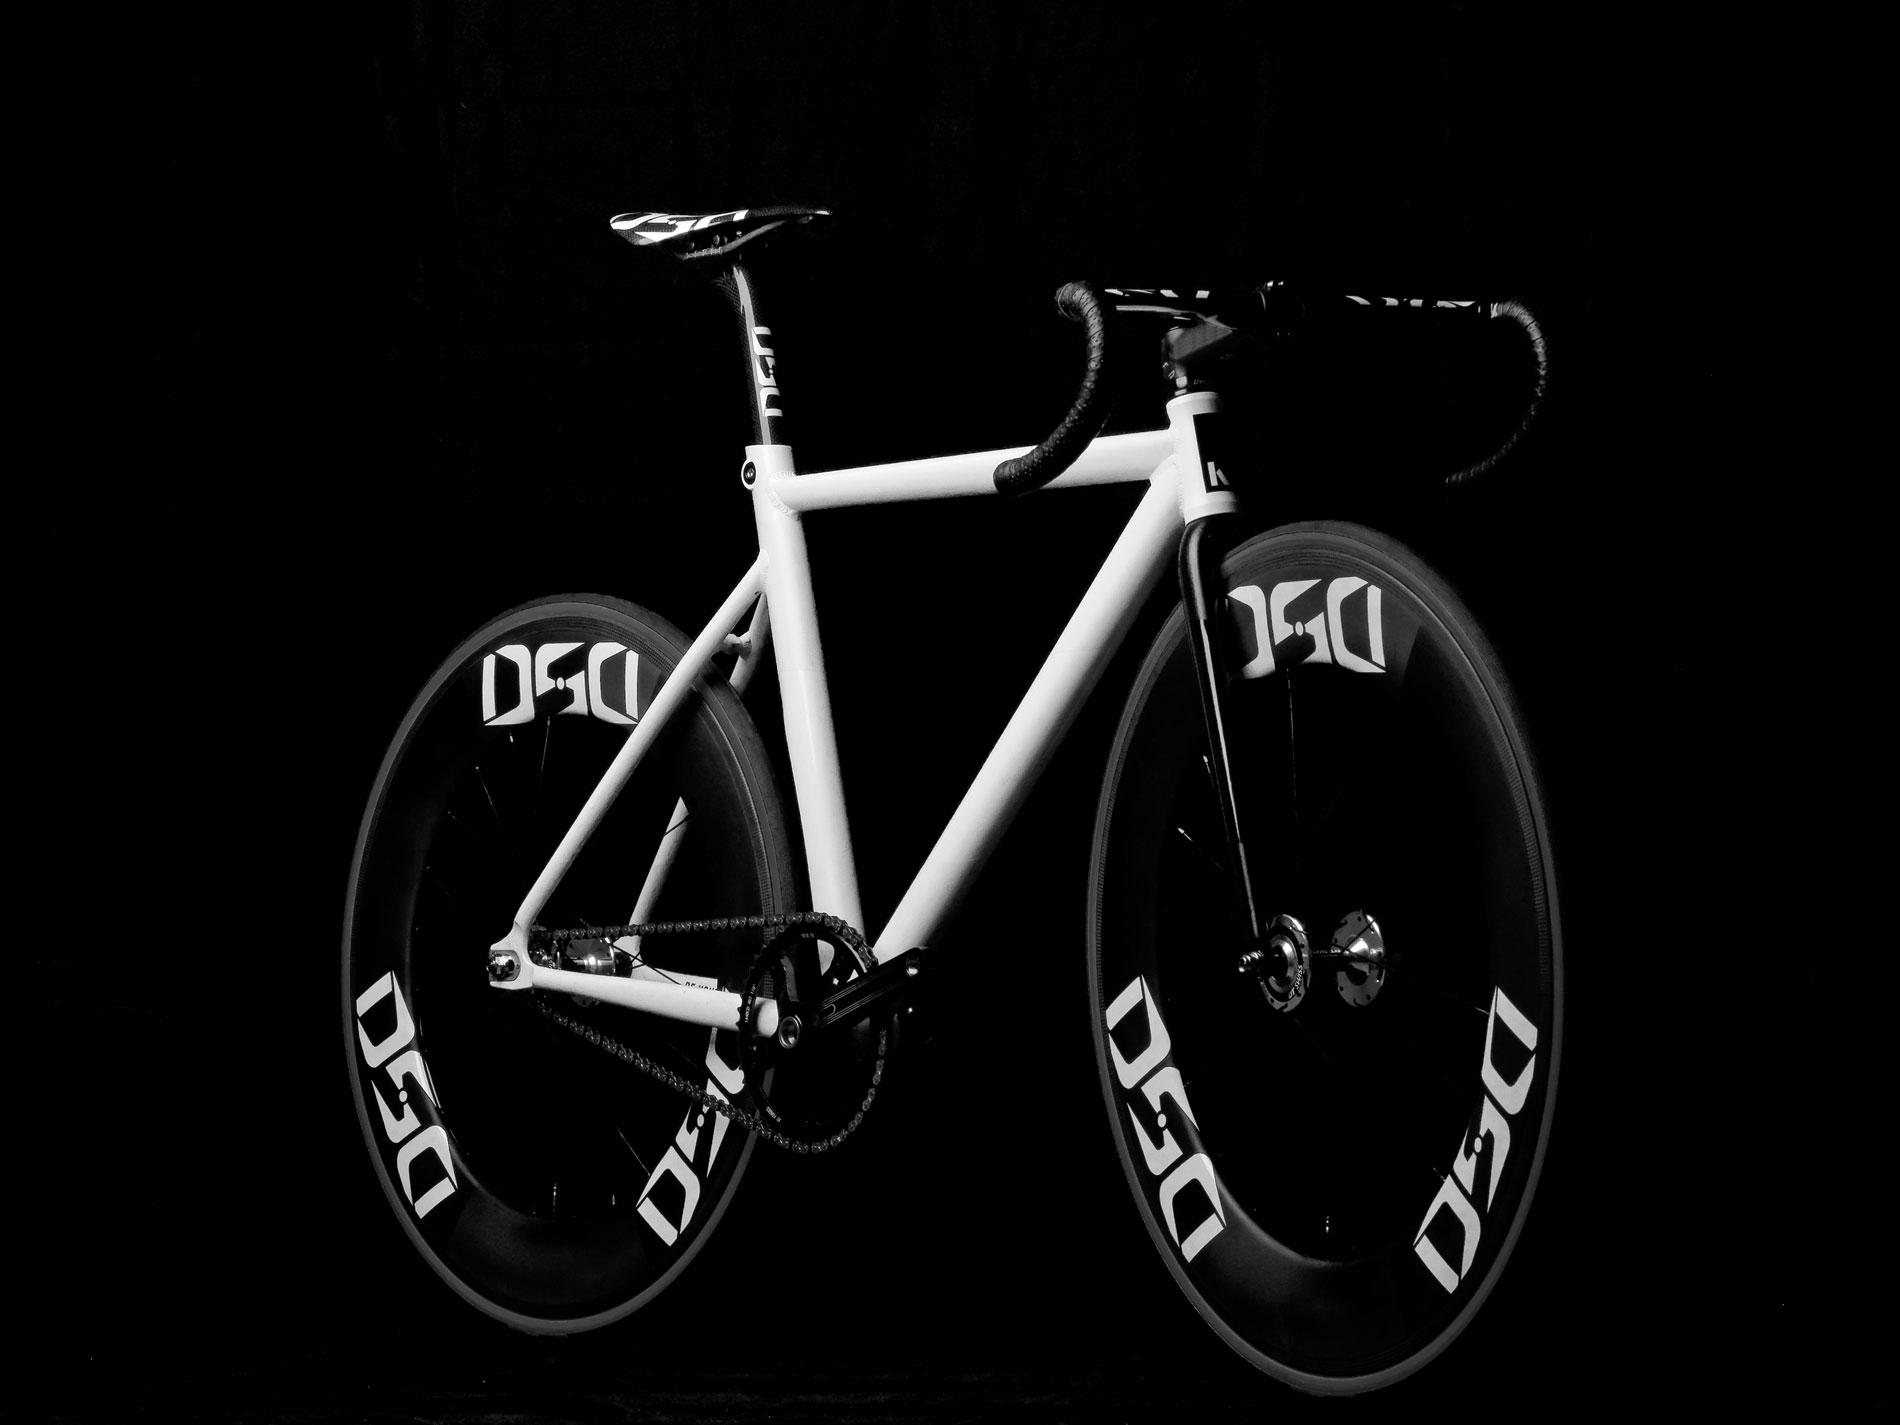 _4130071-Kingdom-DSD-Race-Bike.jpg